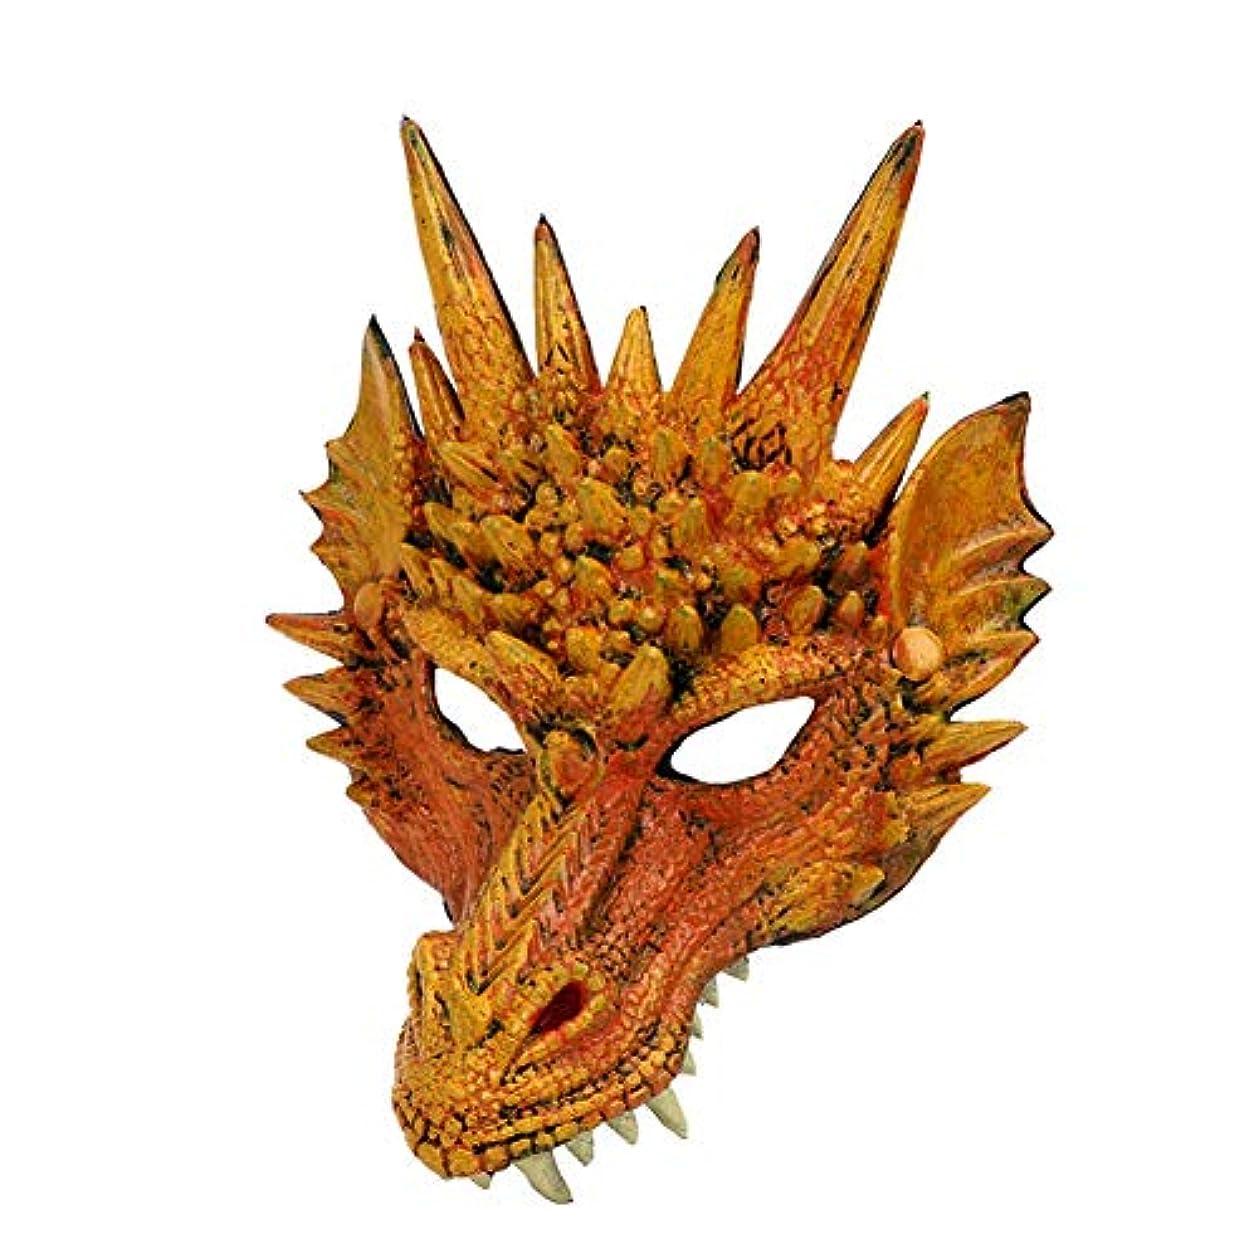 邪魔トーク狭いEsolom 4Dドラゴンマスク ハーフマスク 10代の子供のためのハロウィンコスチューム パーティーの装飾 テーマパーティー用品 ドラゴンコスプレ小道具